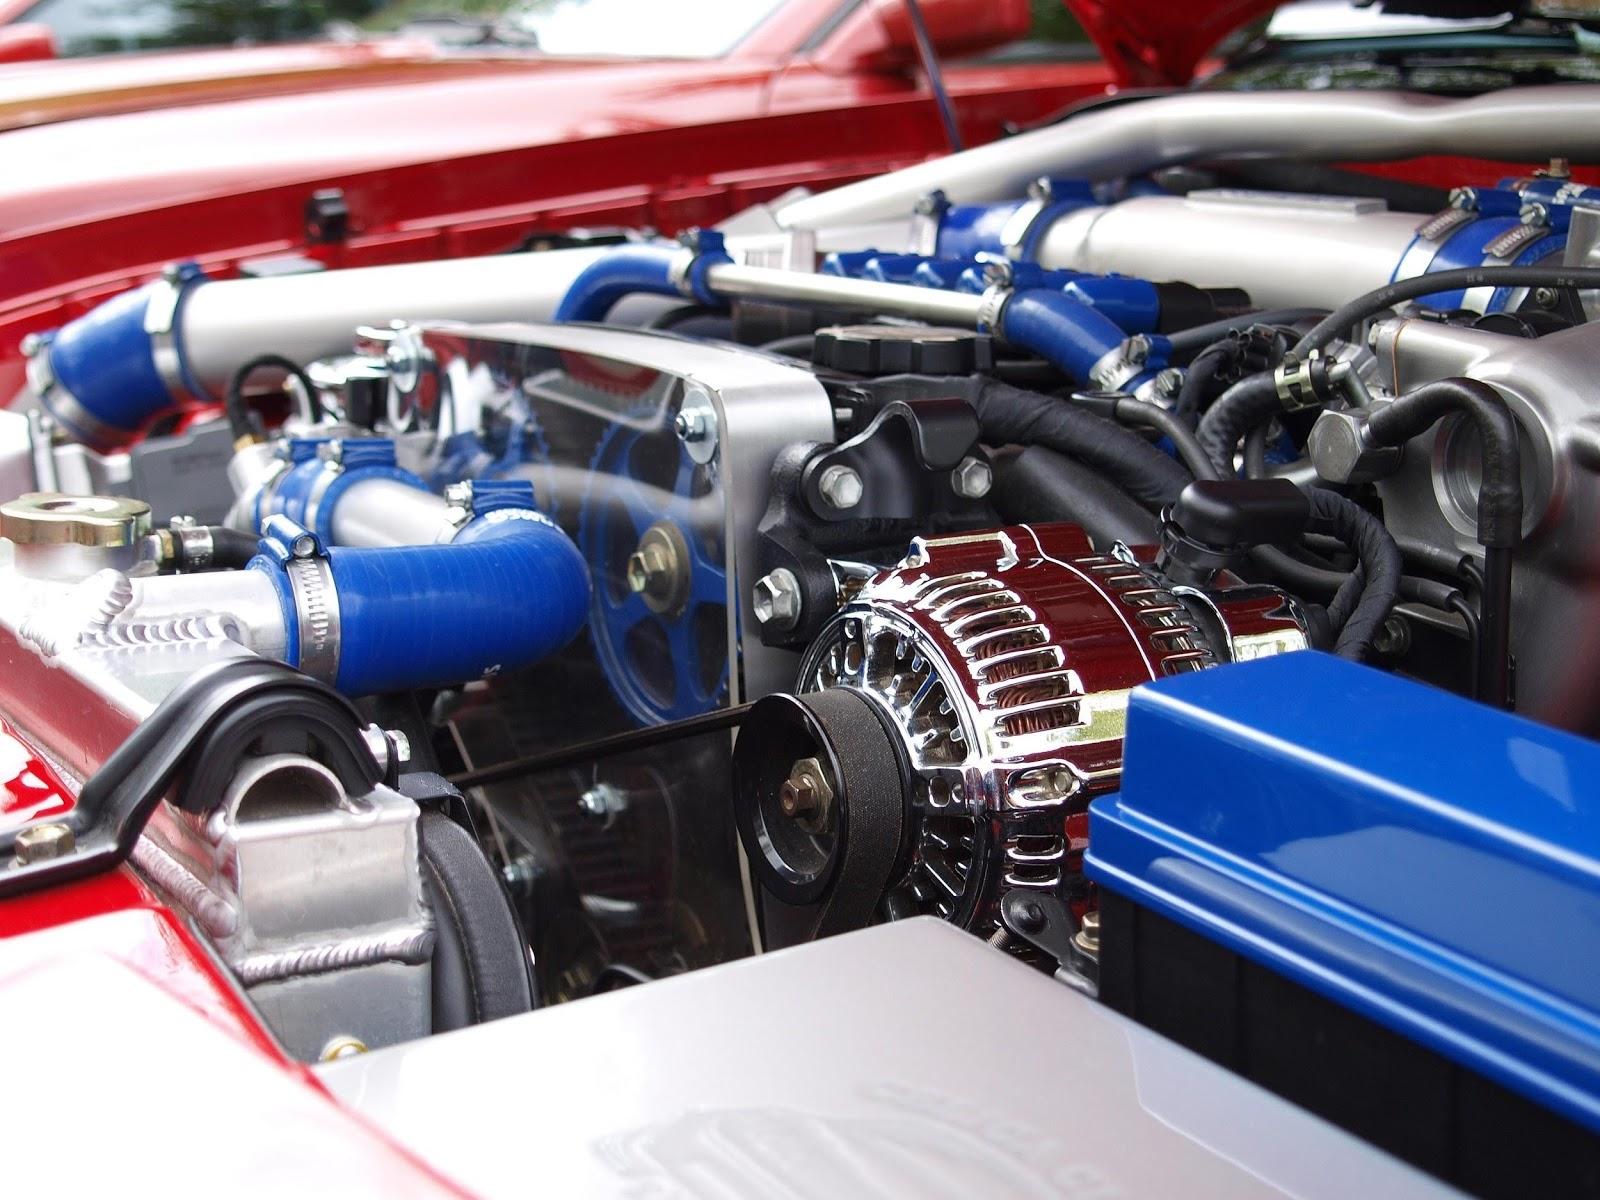 Butuh Dana Untuk Reparasi mobil? Yuk, Manfaatin Segera digibank KTA